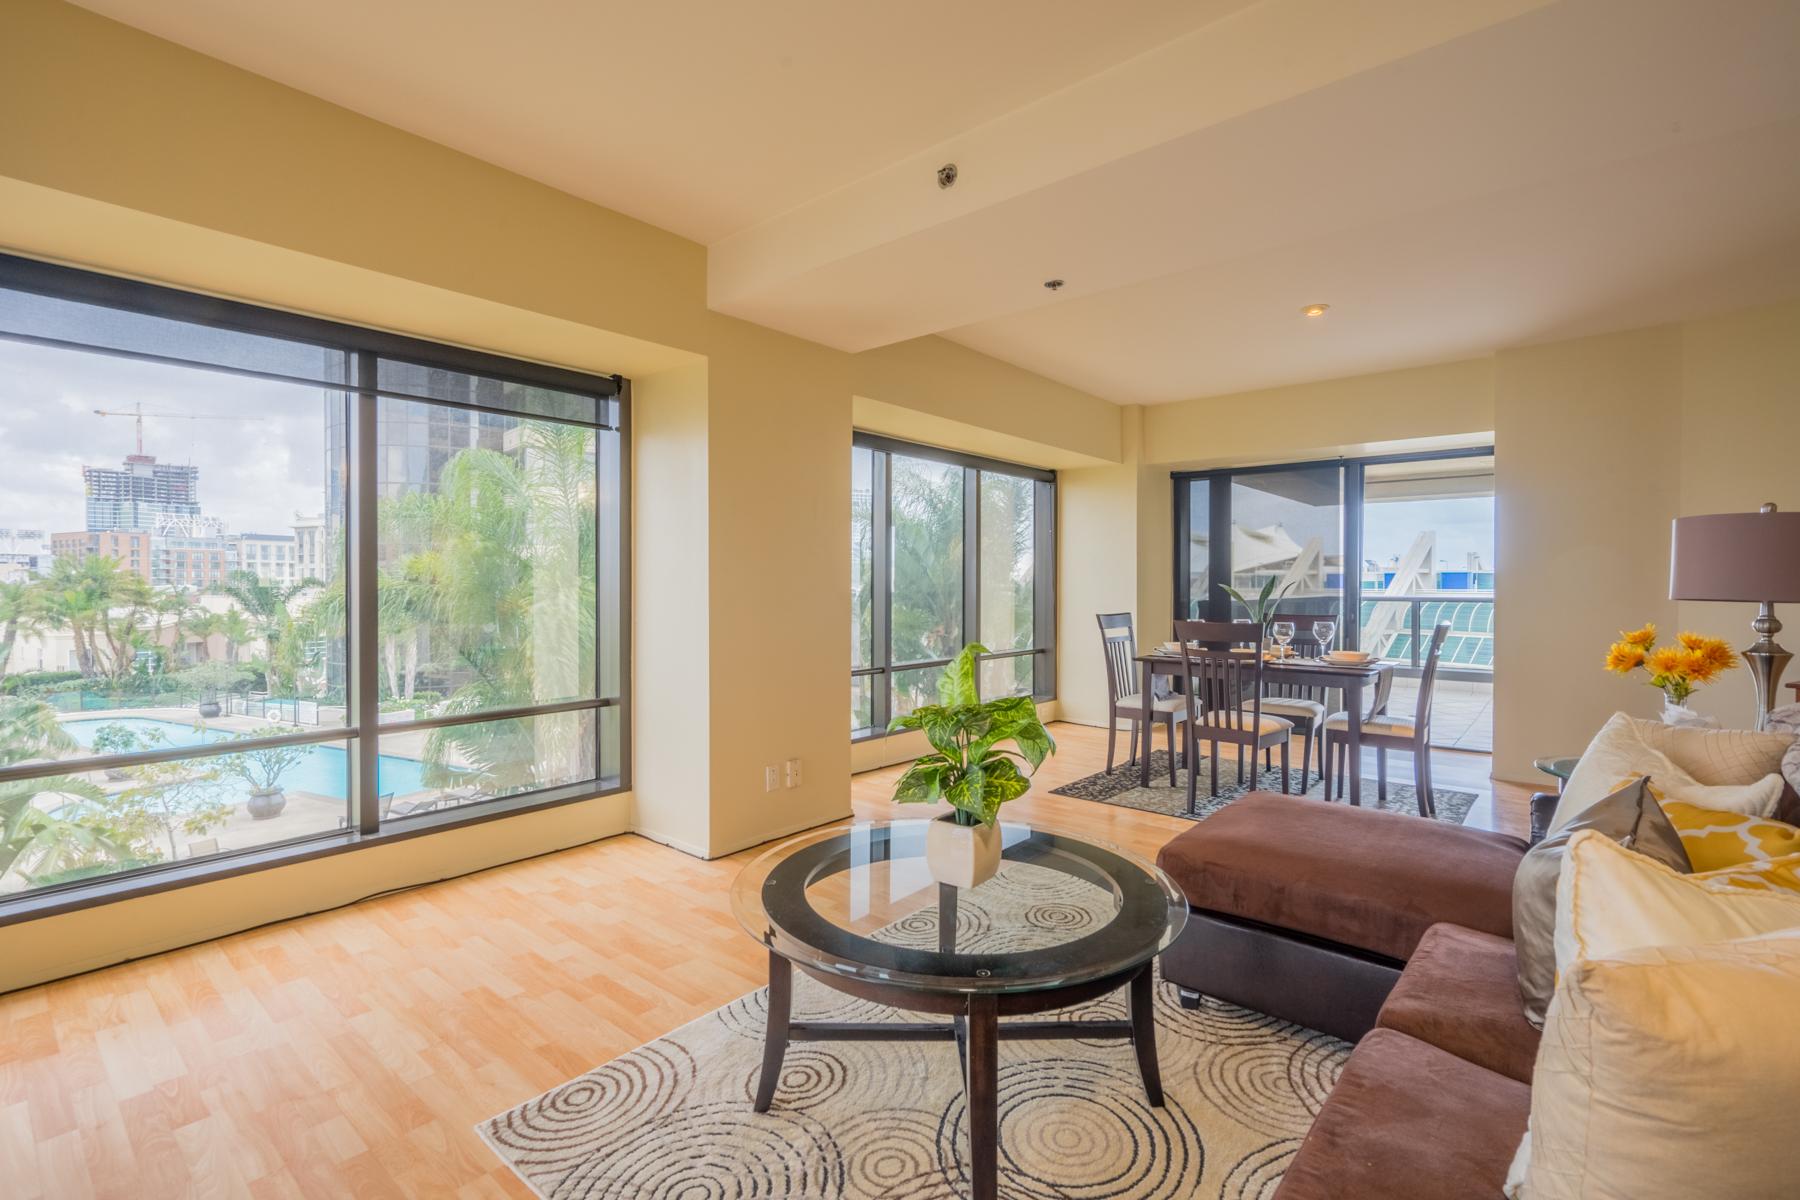 共管式独立产权公寓 为 销售 在 Harbor Club 100 Harbor Drive 806 圣地亚哥, 加利福尼亚州, 92101 美国